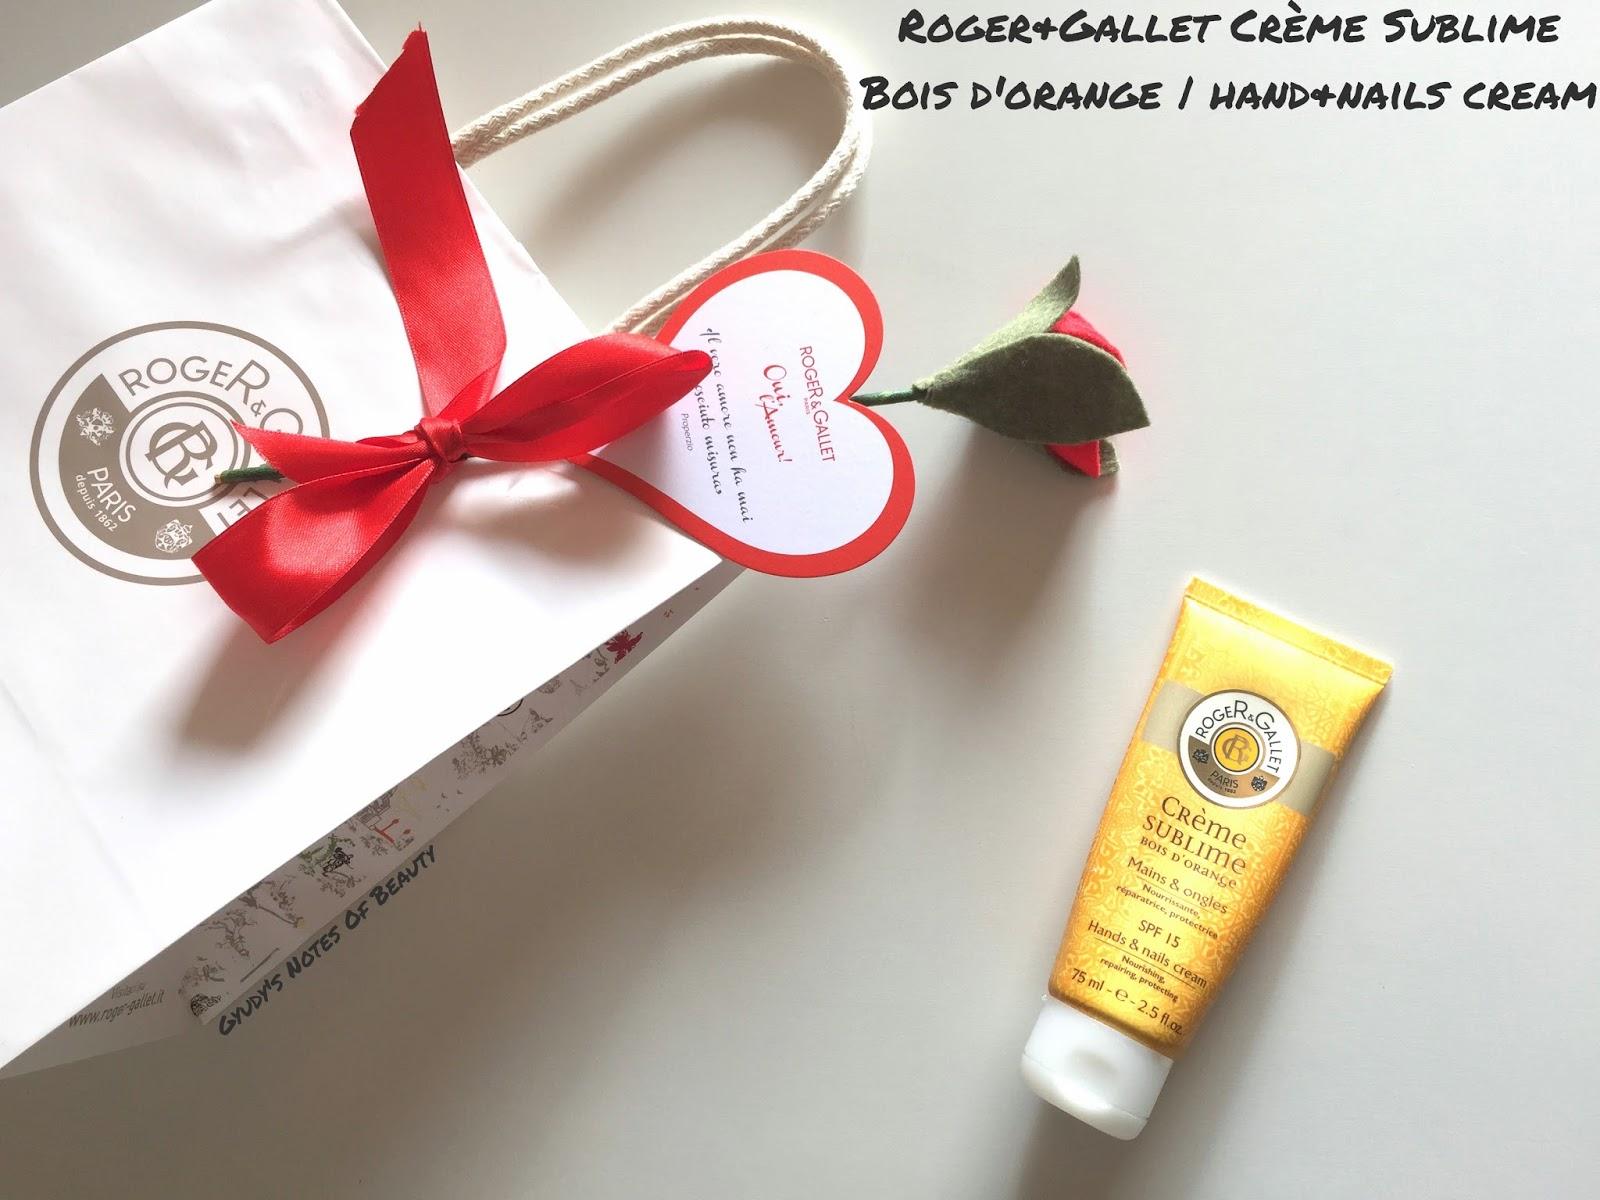 Roger&Gallet Crème Sublime Bois D'Orange hand and nails cream